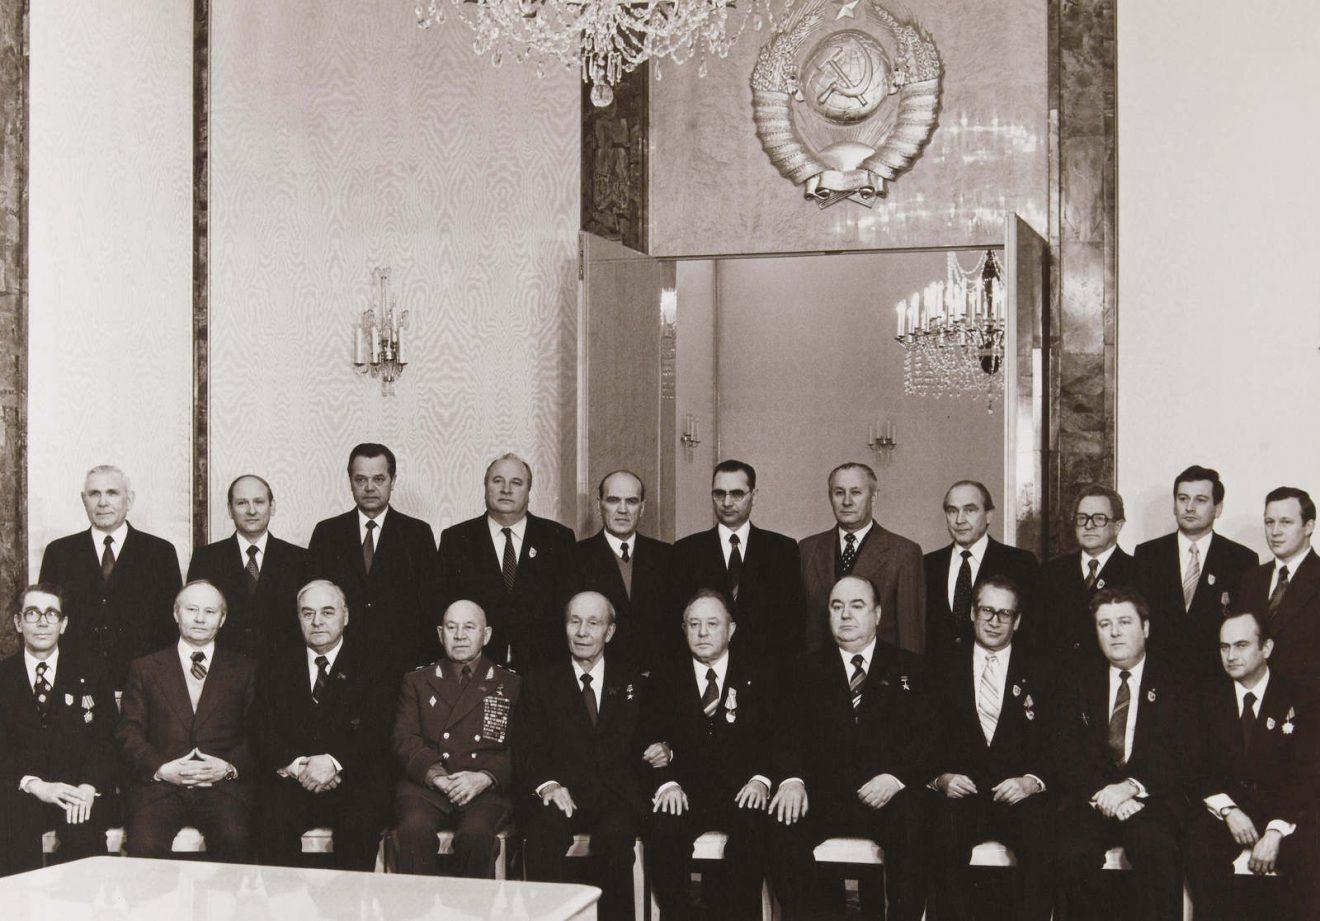 Photo unique de la visite des dirigeants de la STASI de la RDA (Général Erich MIELKE, Général Markus WOLF, etc.) à Moscou (URSS) pendant l'hiver 1980.